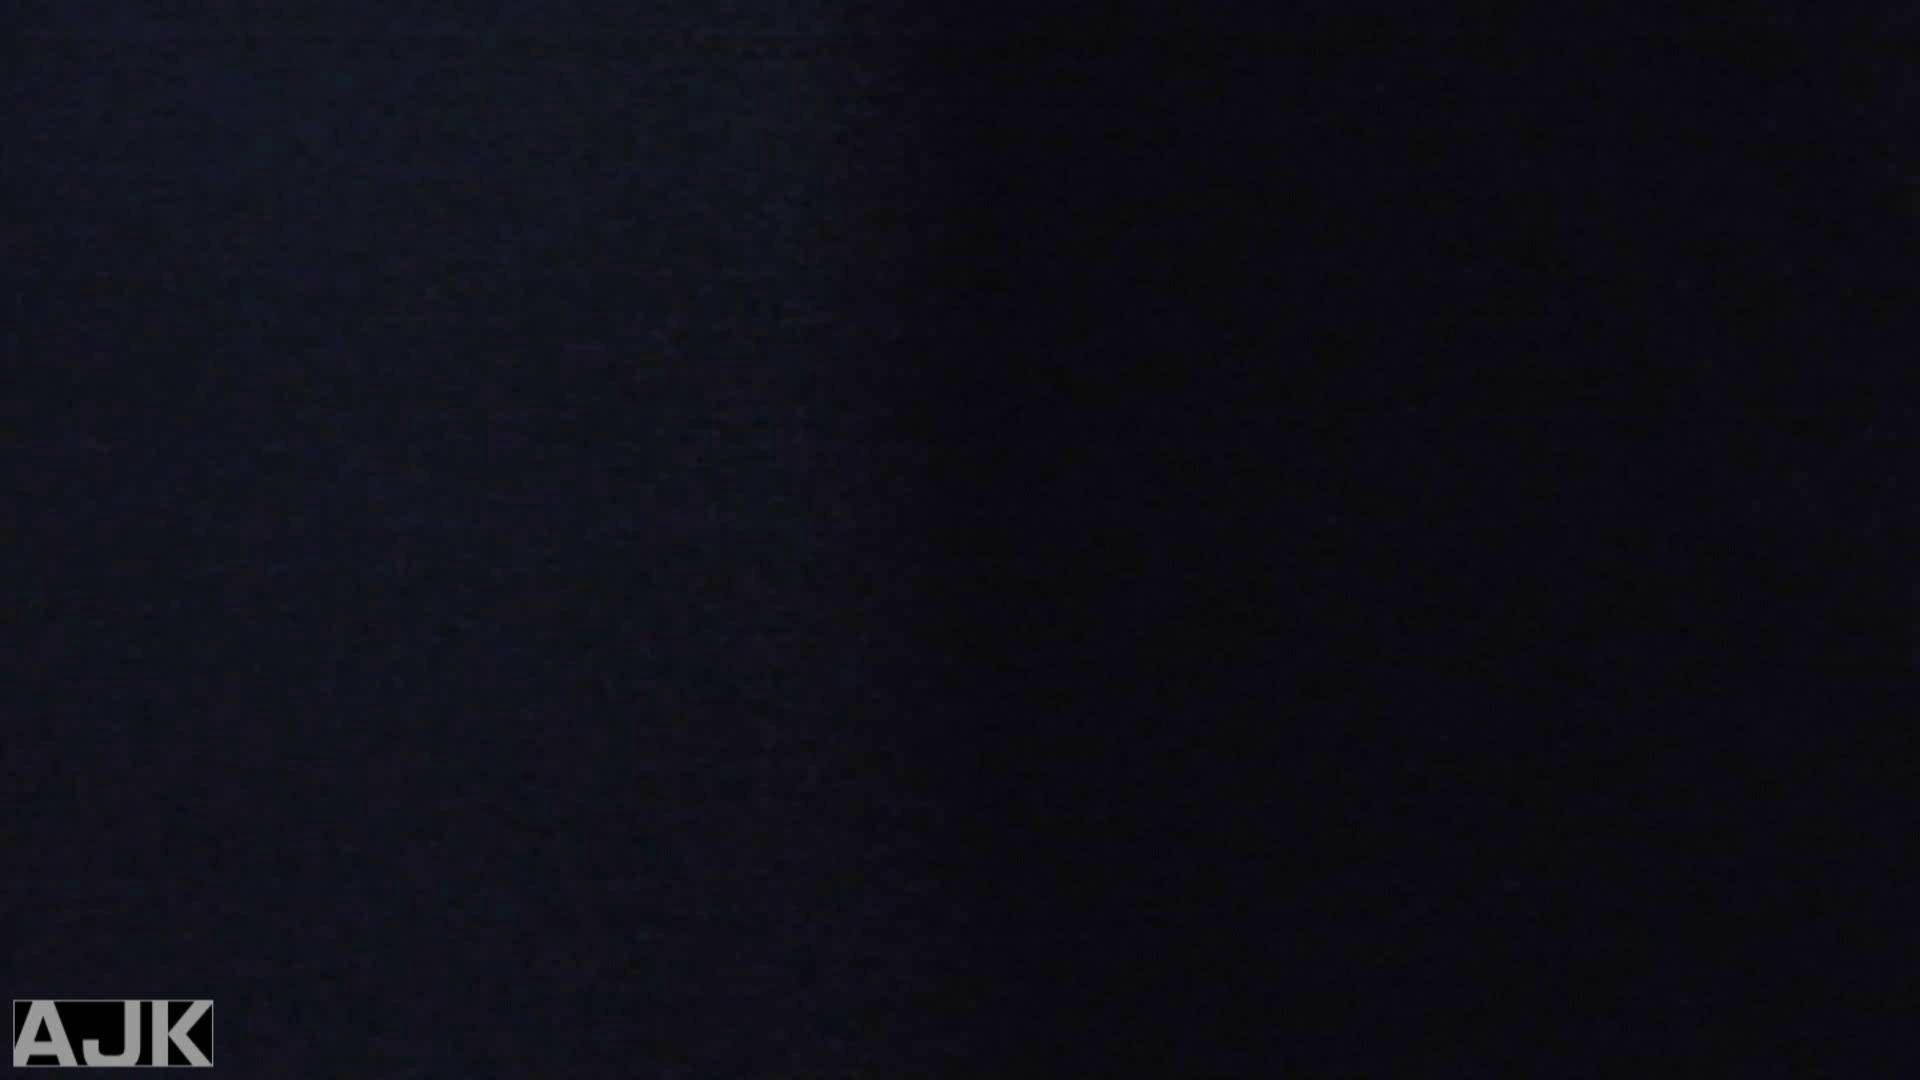 神降臨!史上最強の潜入かわや! vol.13 OLエロ画像 隠し撮りセックス画像 66PICs 51